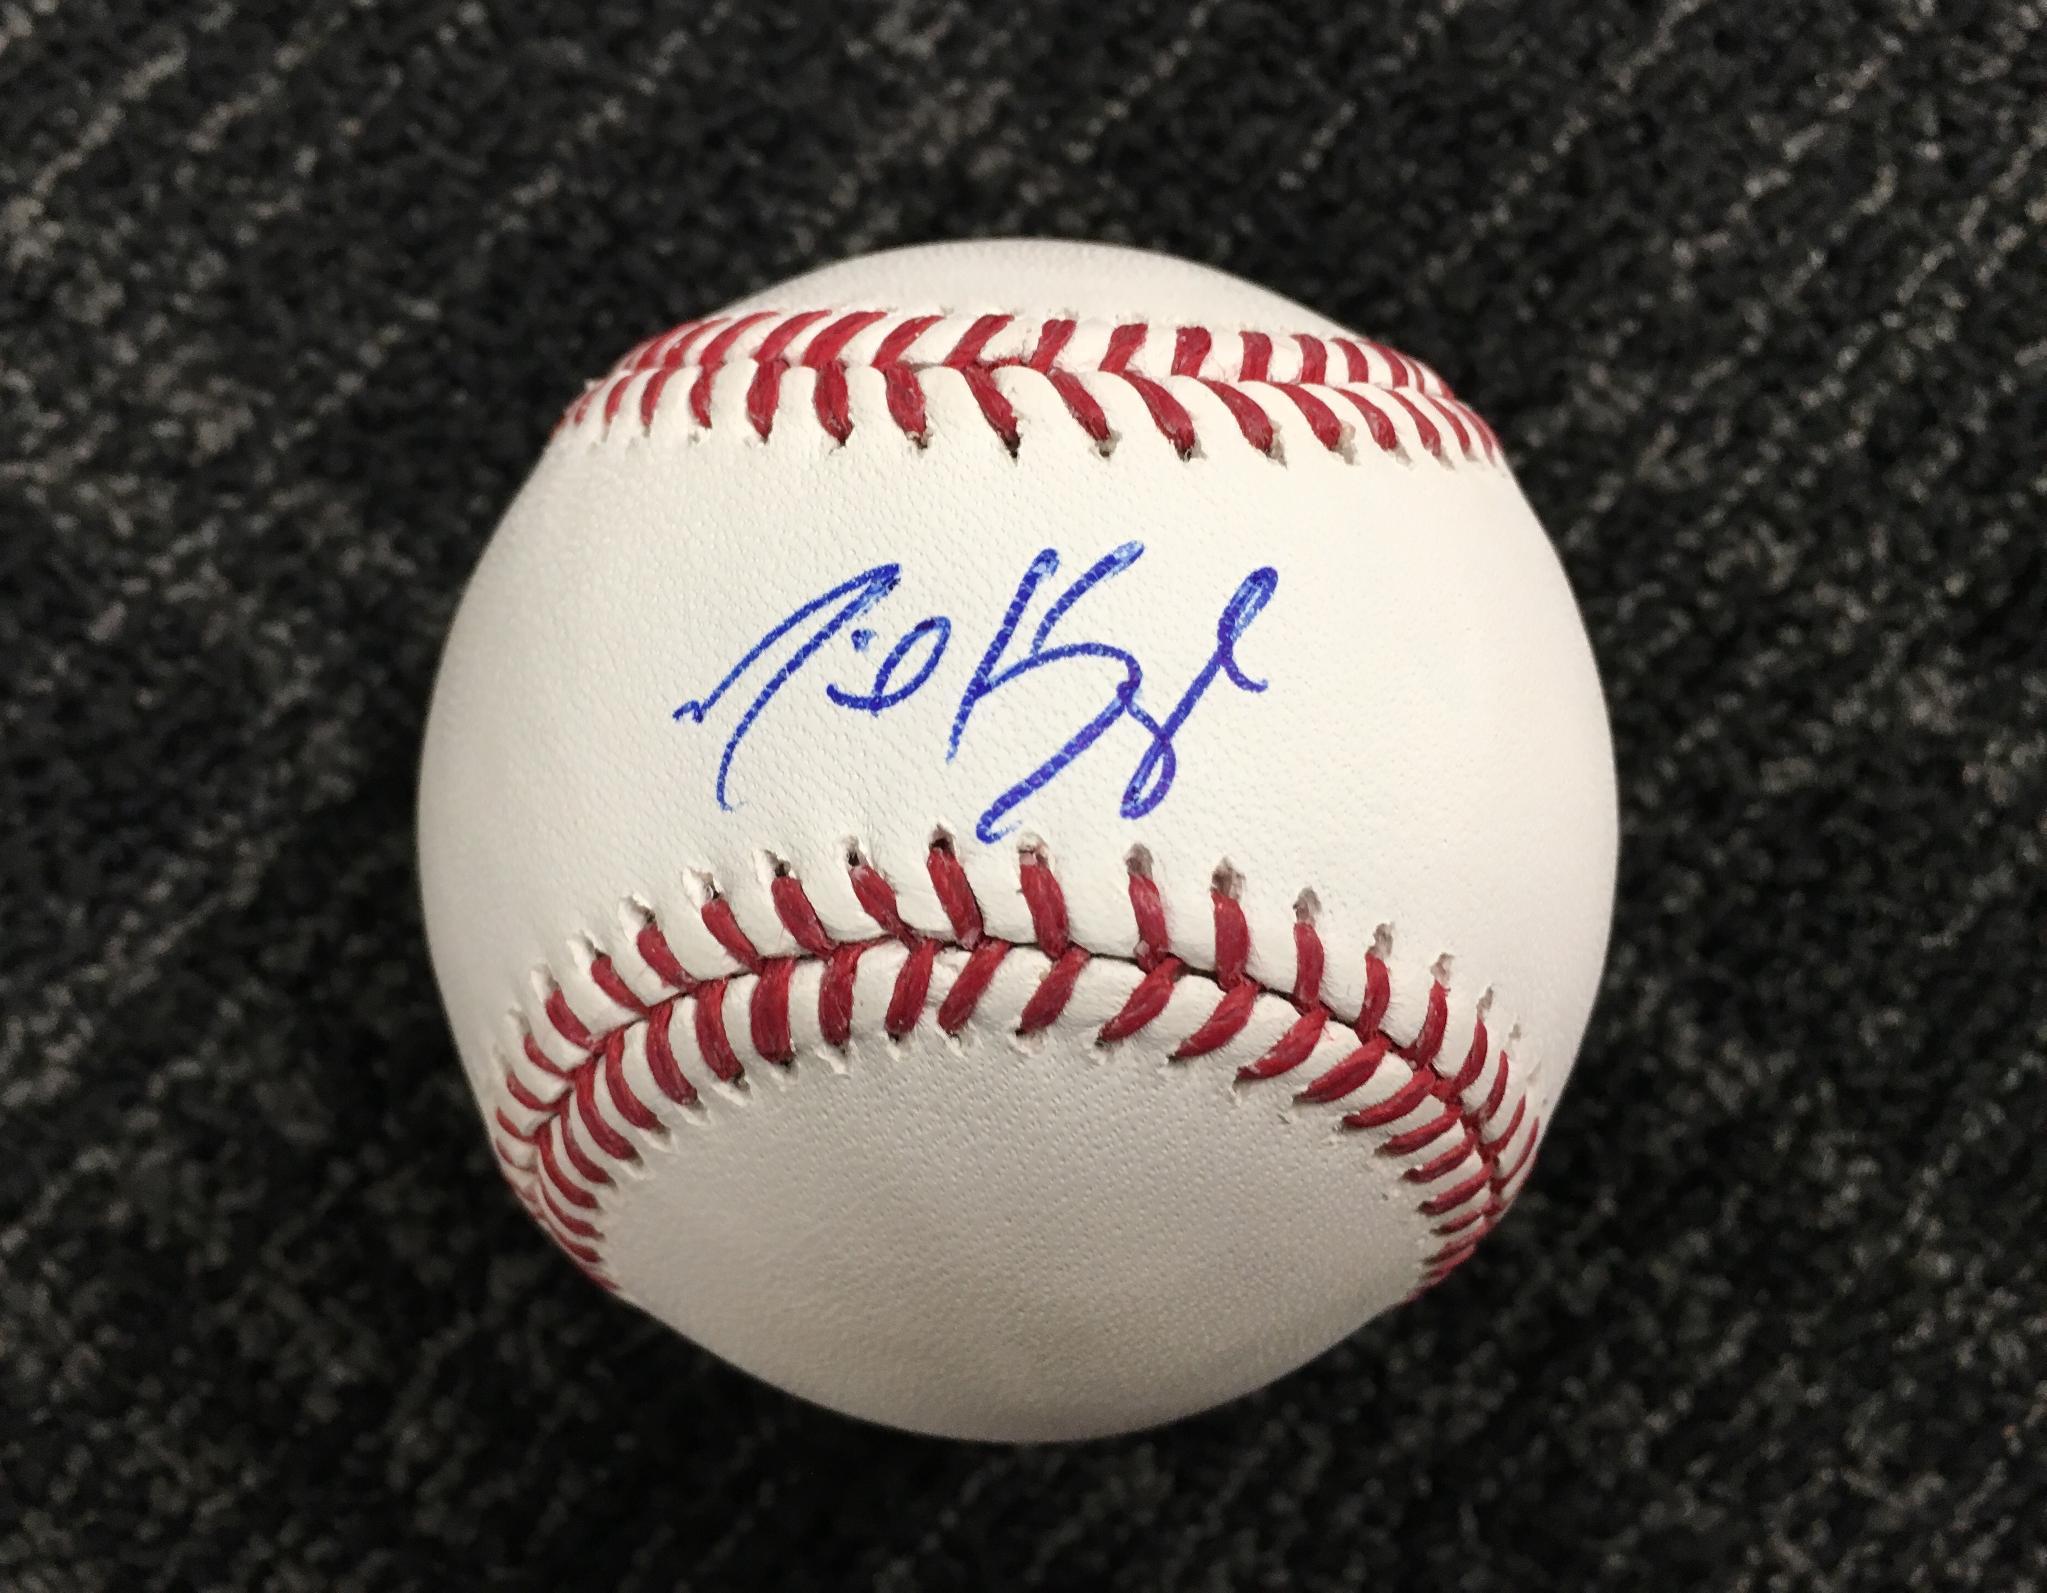 RETWEET for a chance to win an autographed @MichaelKopech5 baseball! #SoxGameDay  Rules: https://t.co/ZDZcEeiVRB https://t.co/OsidjXEqbN